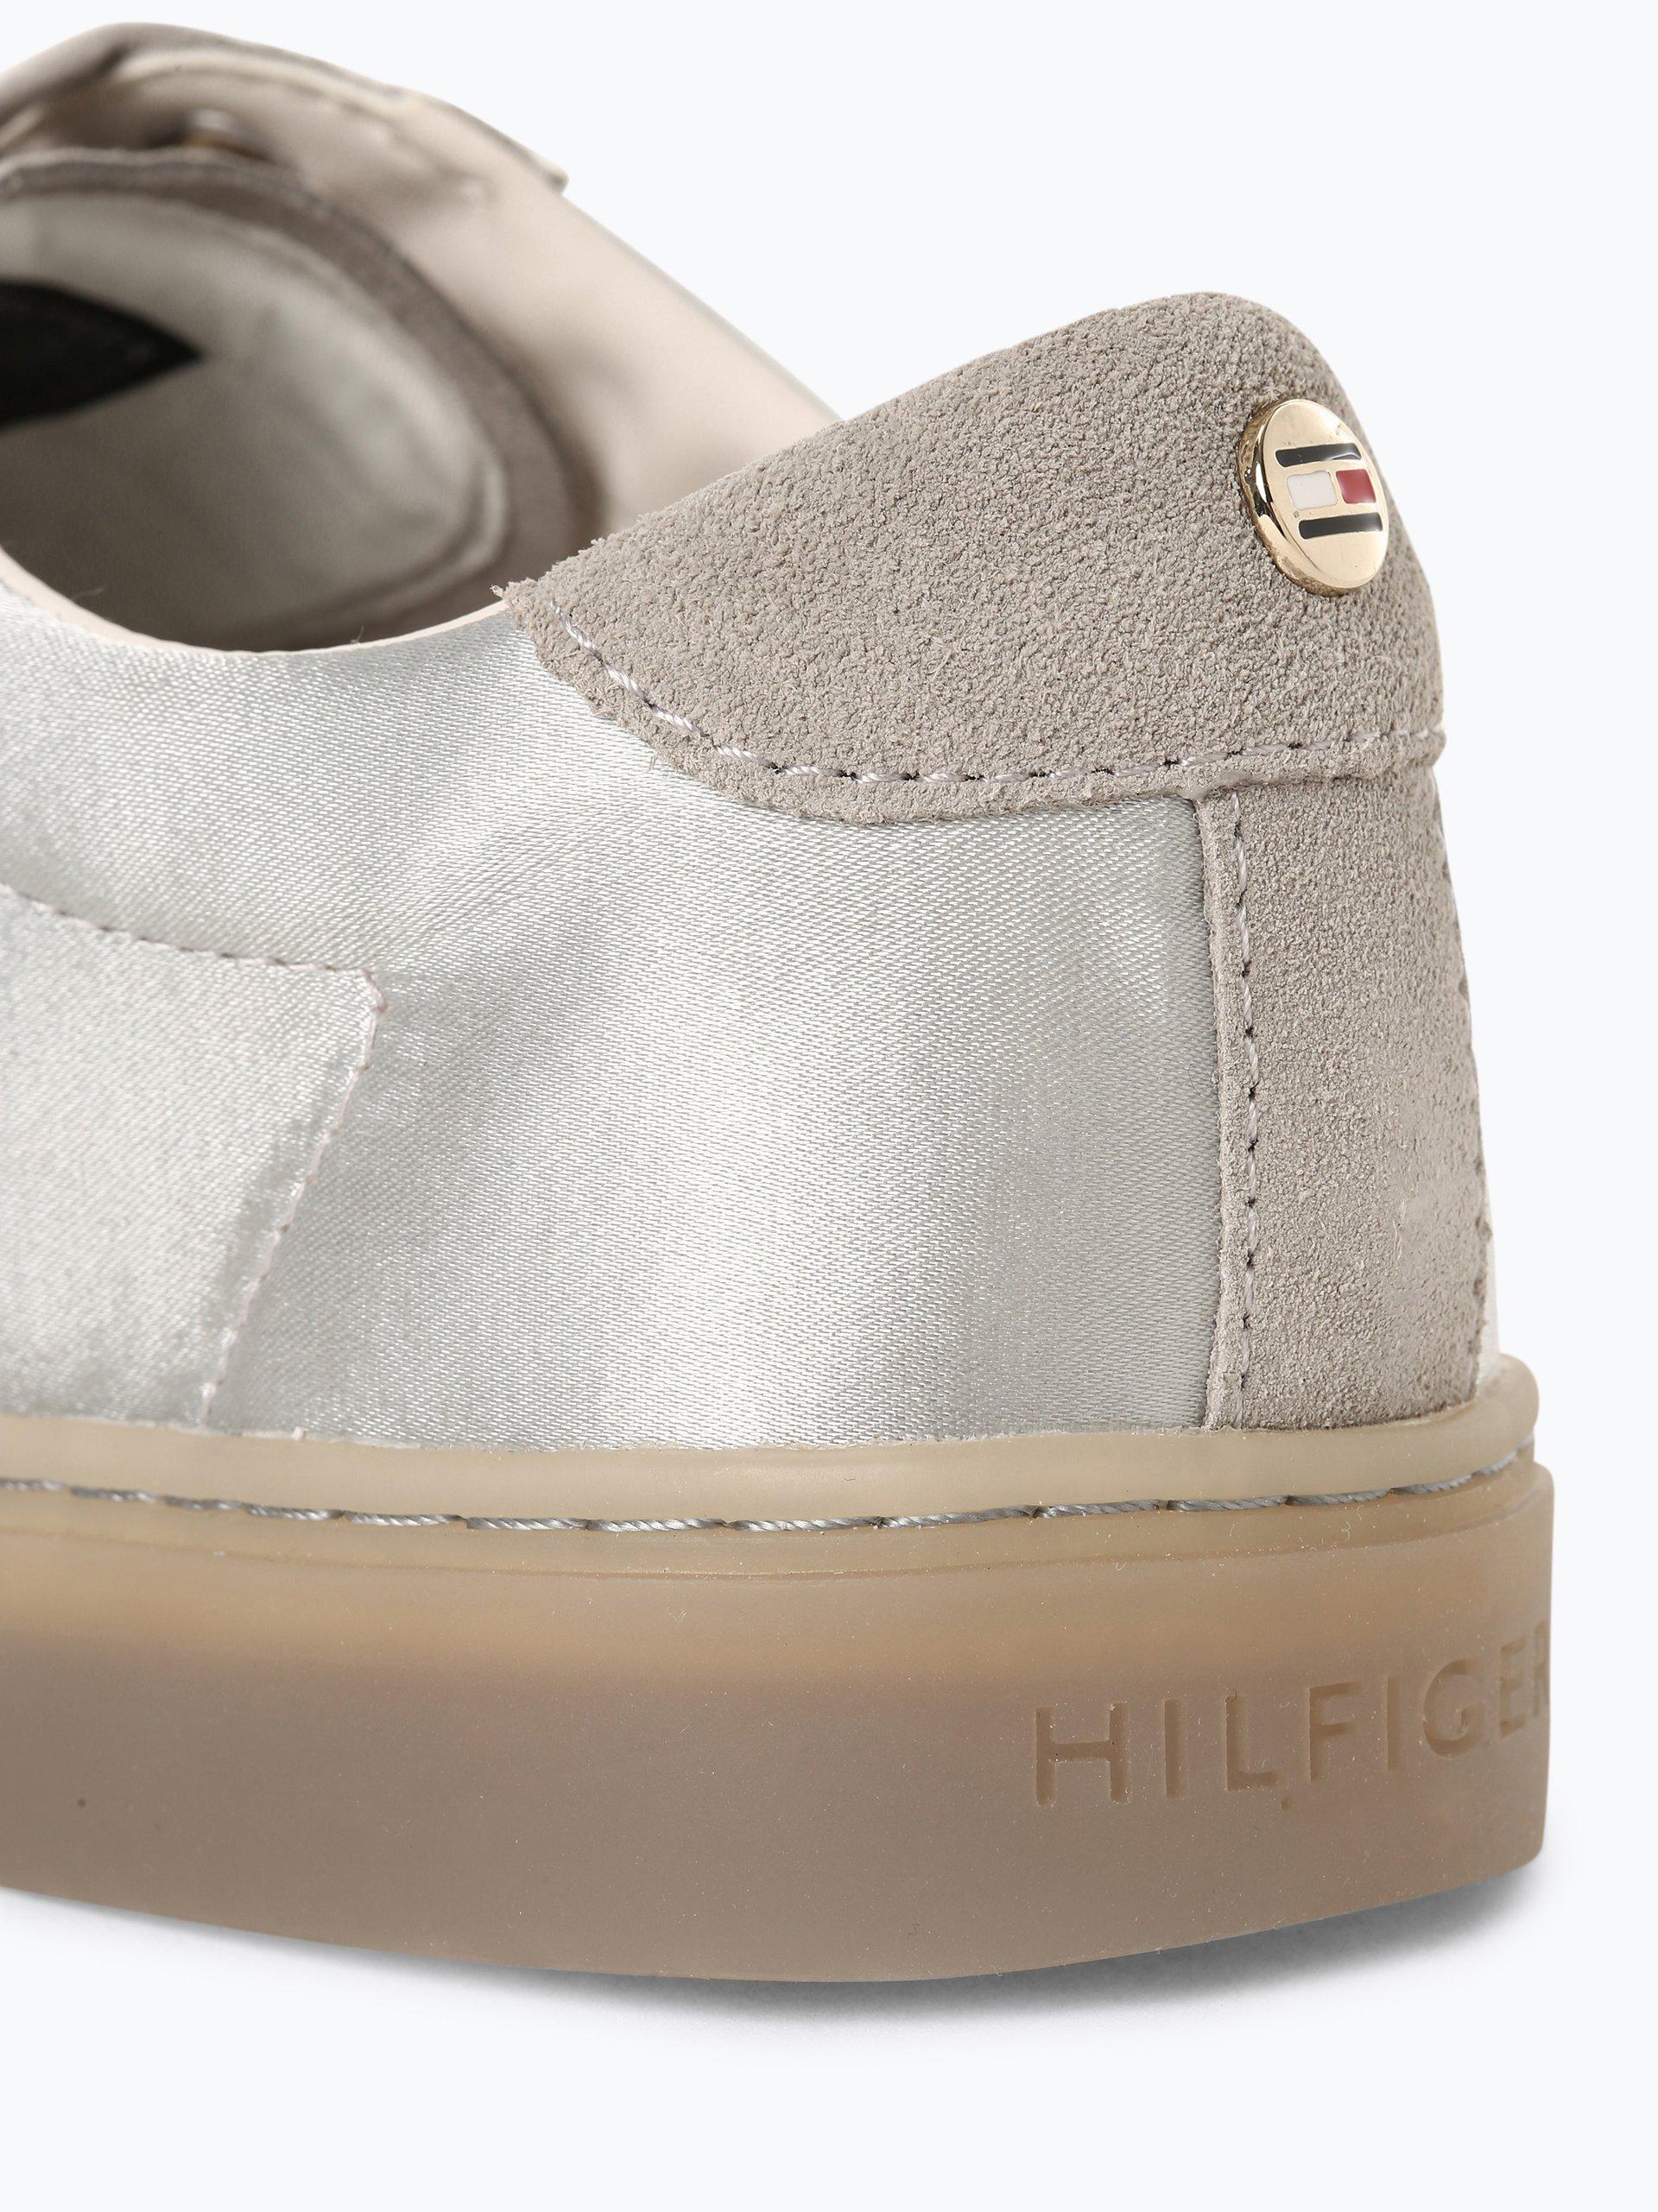 Tommy Hilfiger Damen Sneaker mit Leder-Anteil